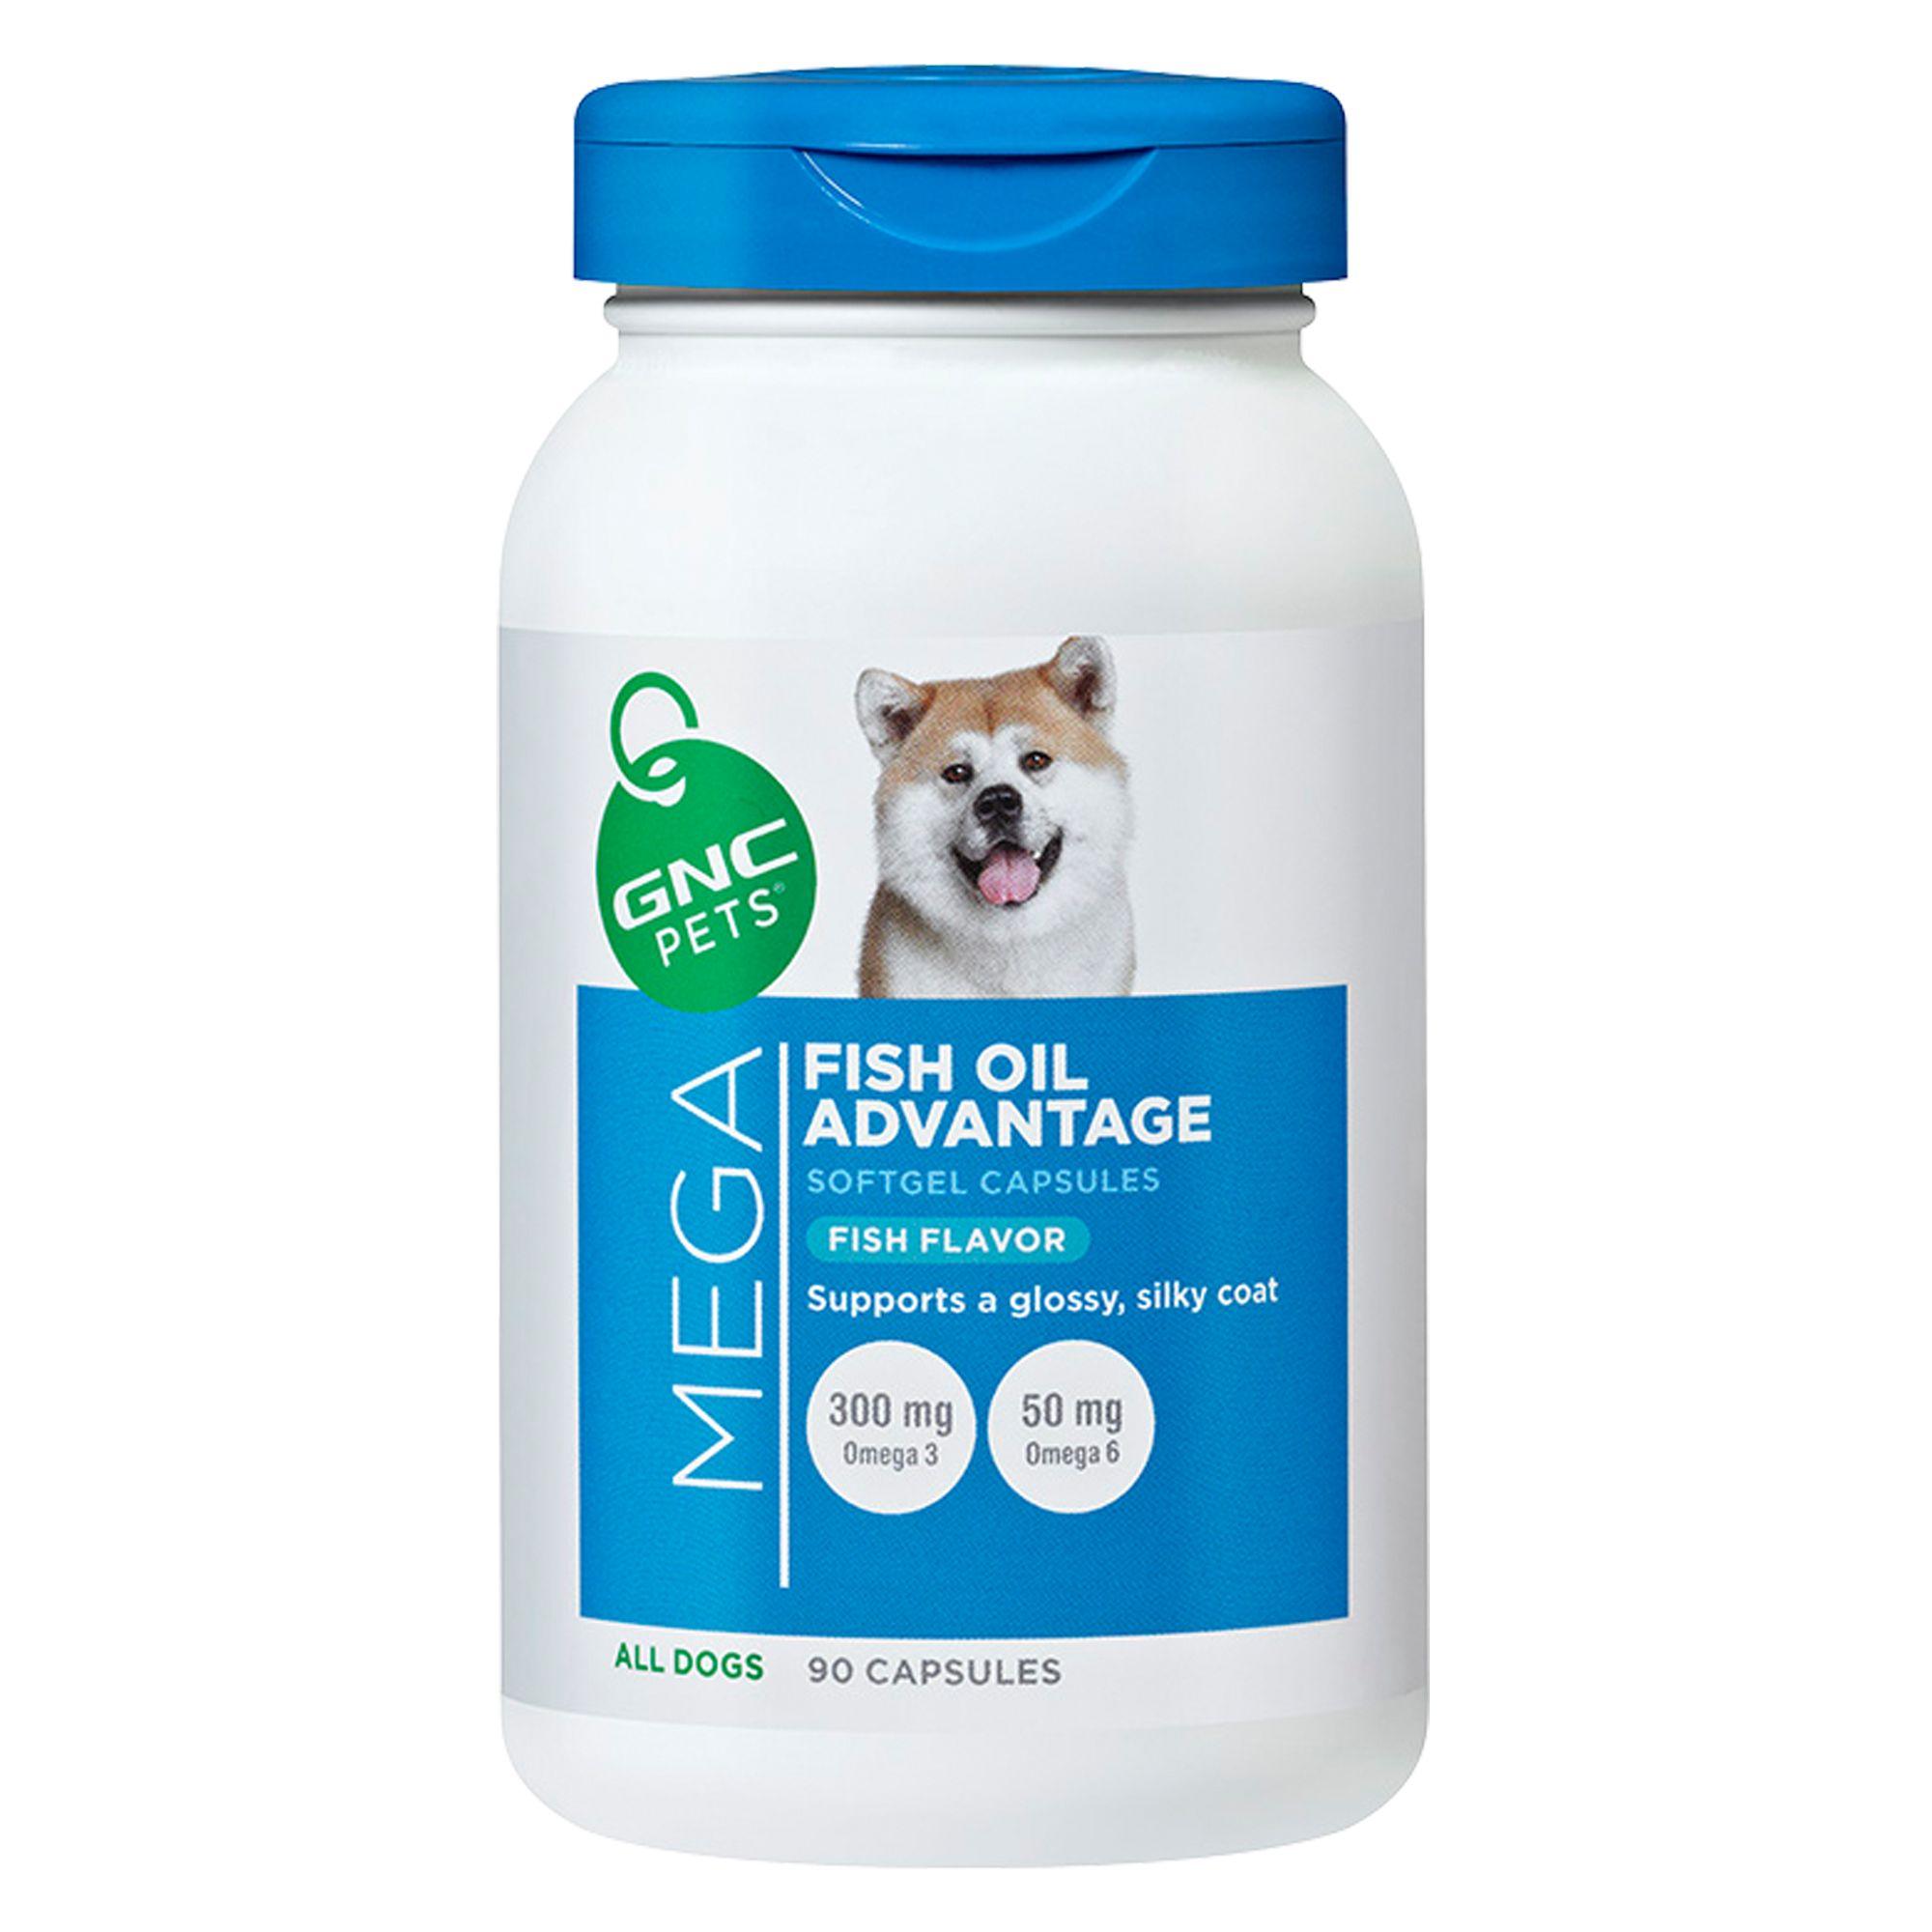 Gnc Mega Fish Oil Advantage Dog Softgel Capsule Size 90 Count Gnc Pets